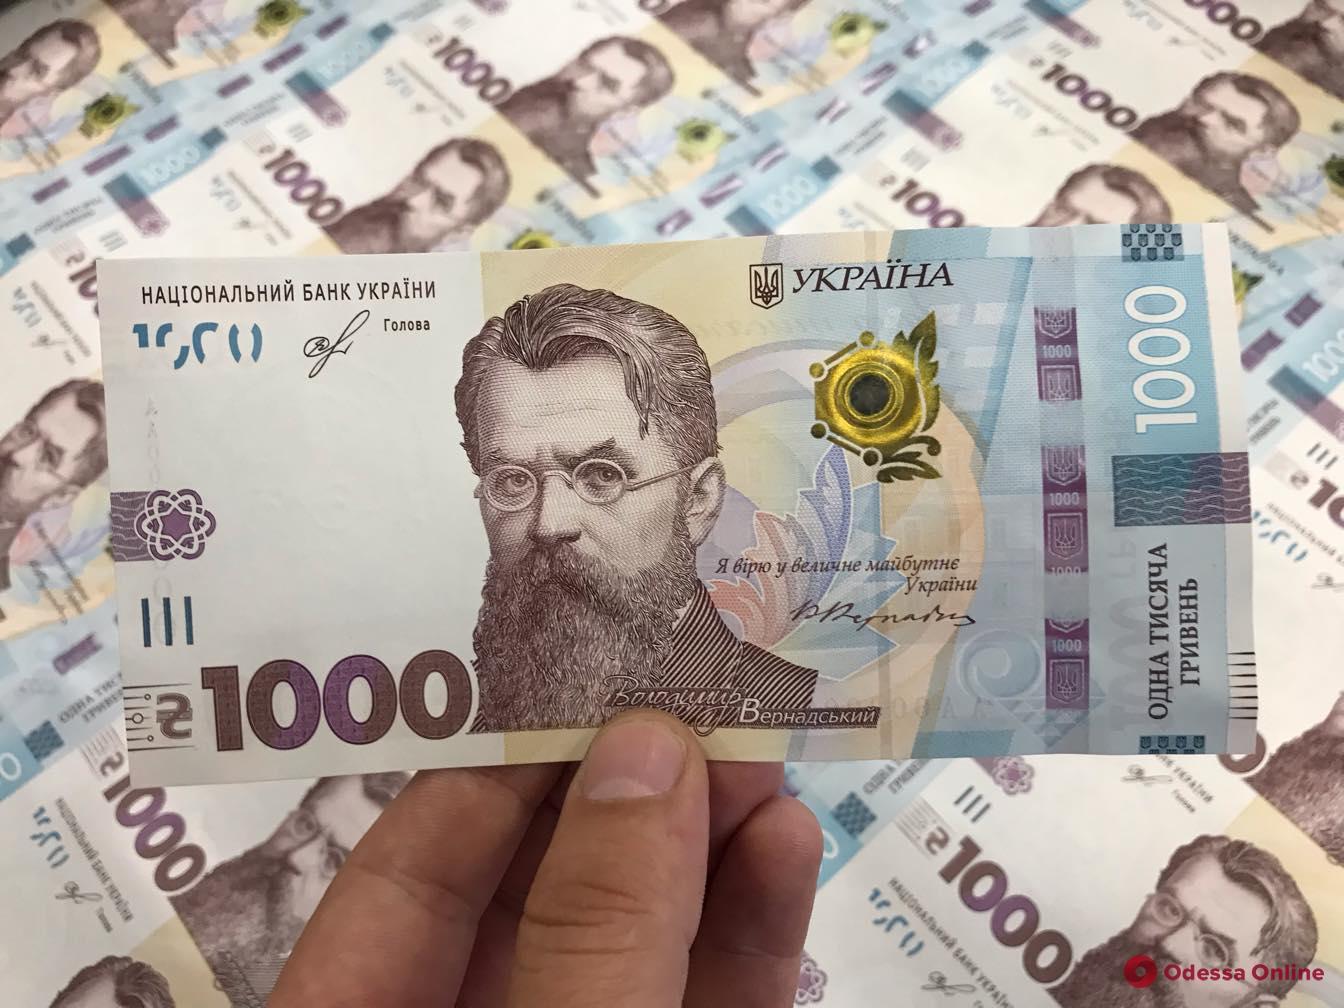 Академик Вернадский попал на деньги: в Одессе презентовали новую купюру номиналом 1000 гривен